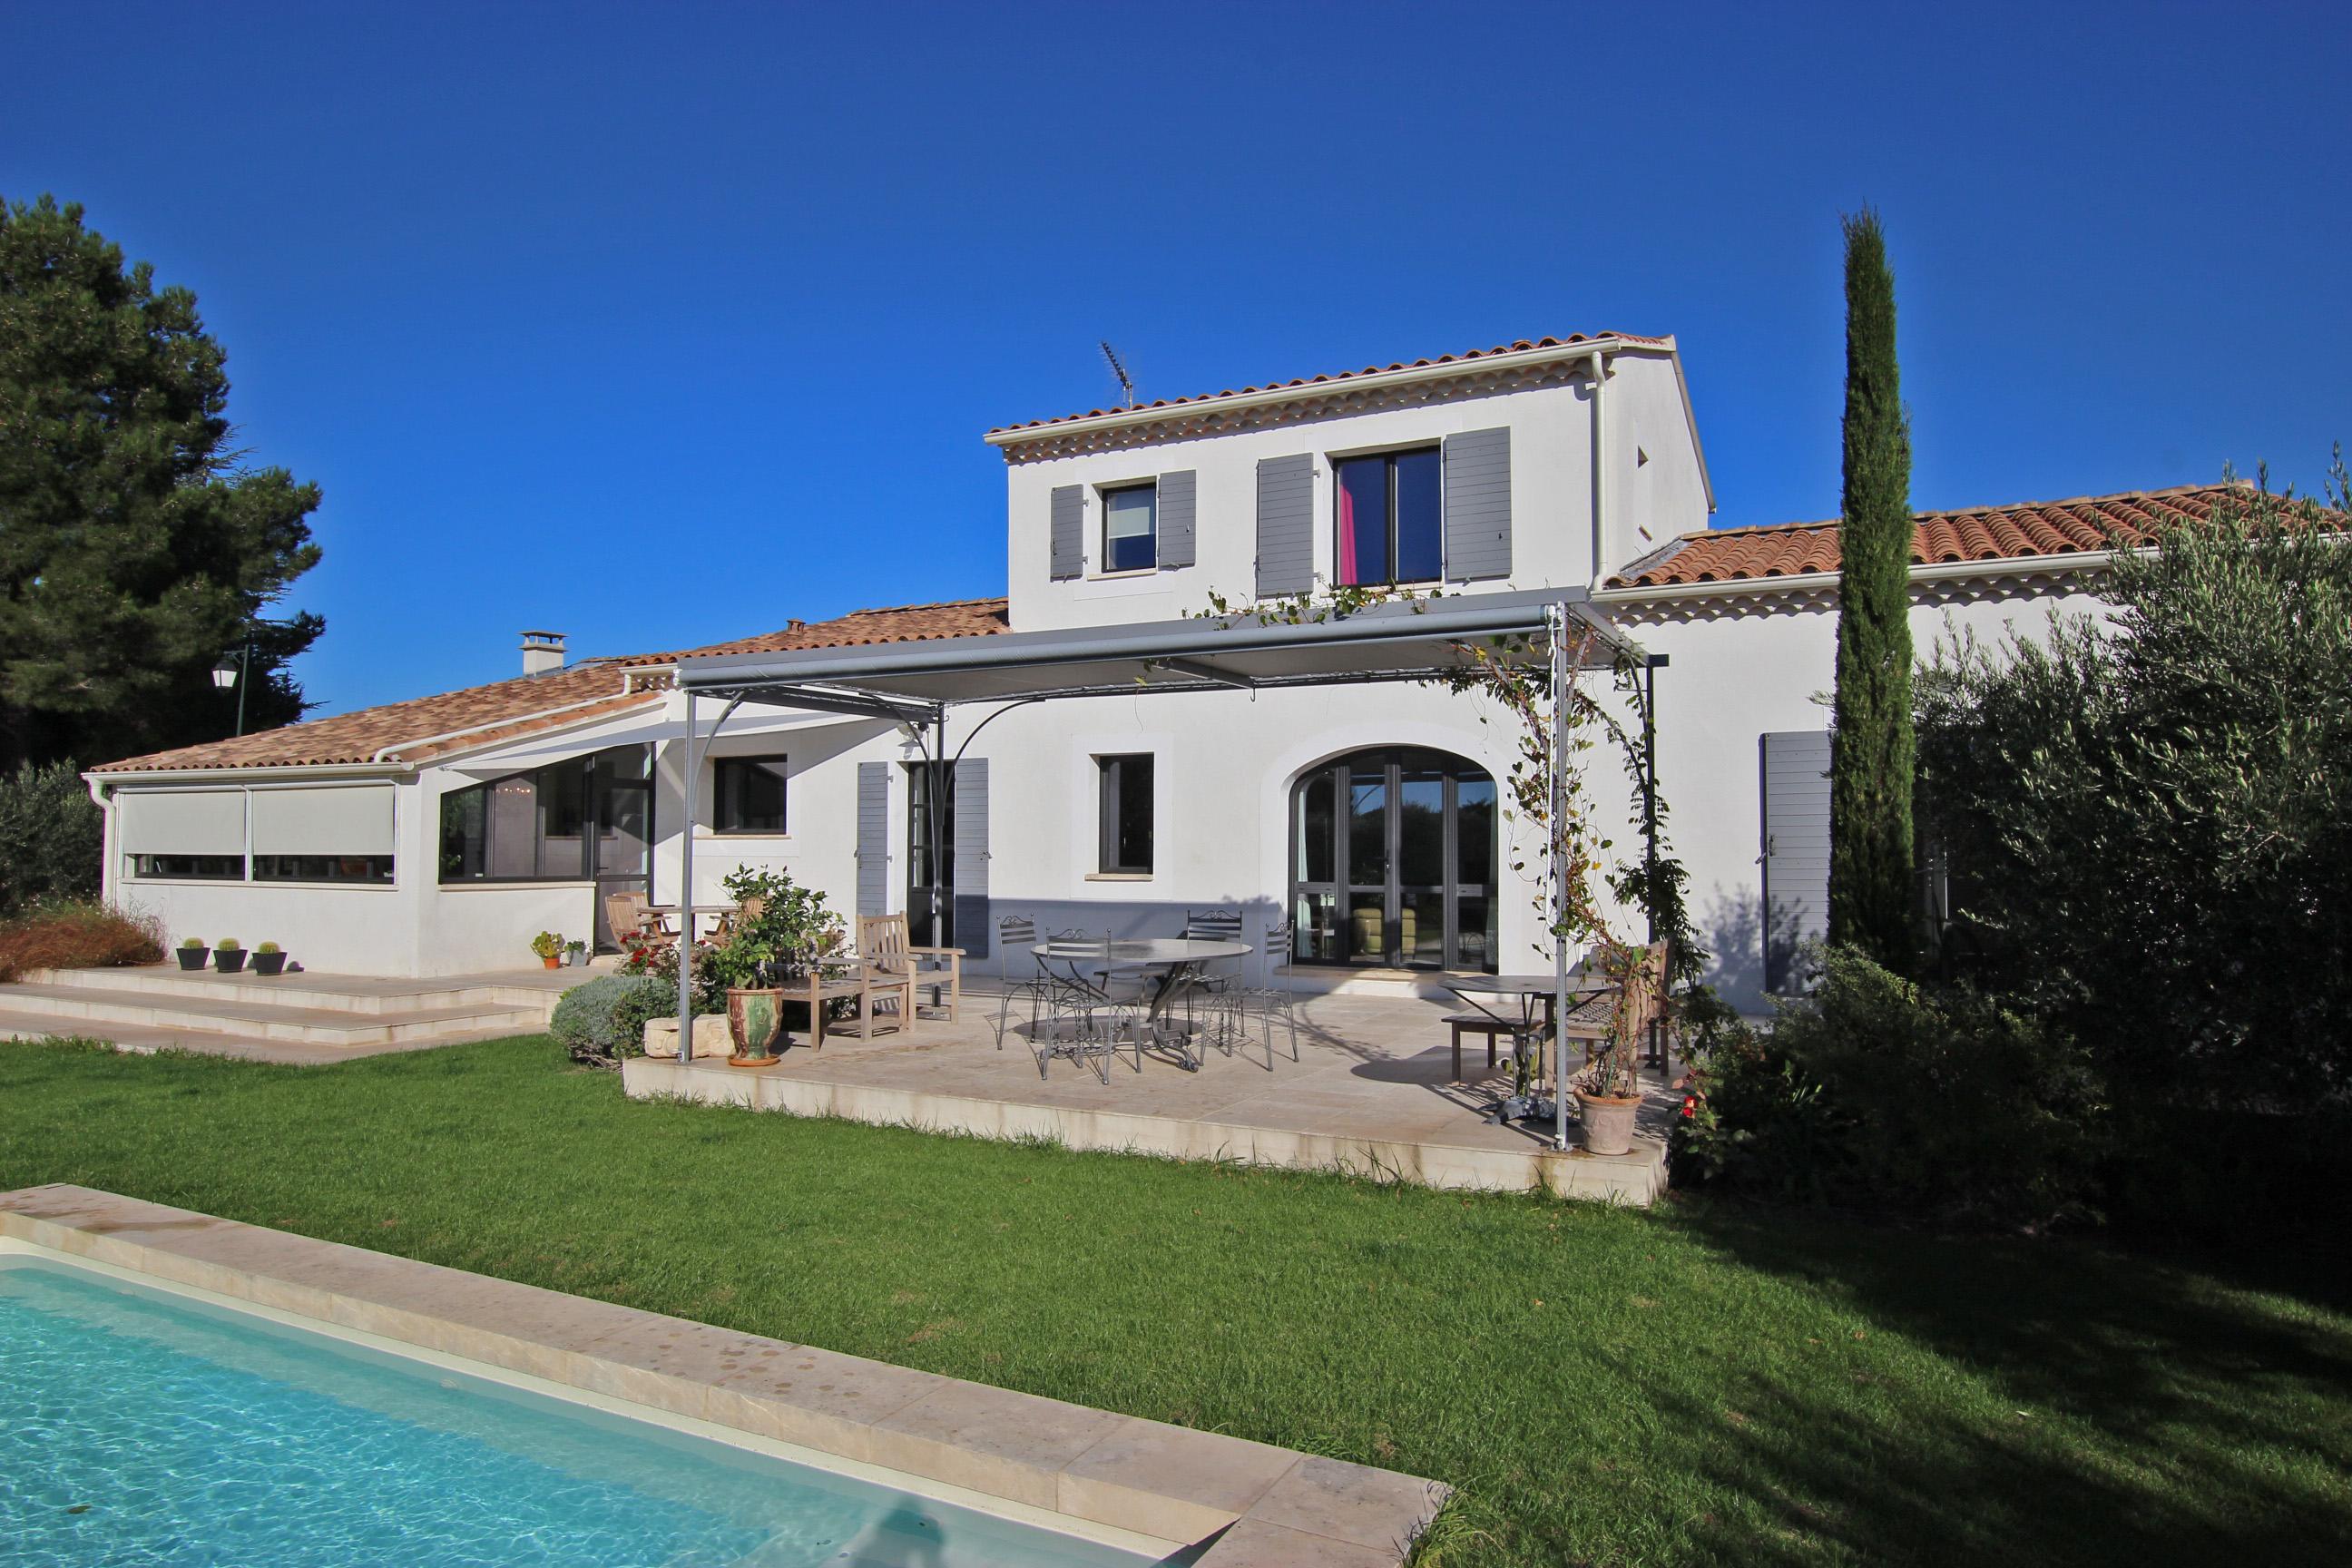 Таунхаус для того Продажа на Charming country house in Maussane les Alpilles Other Provence-Alpes-Cote D'Azur, Прованс-Альпы-Лазурный Берег 13520 Франция